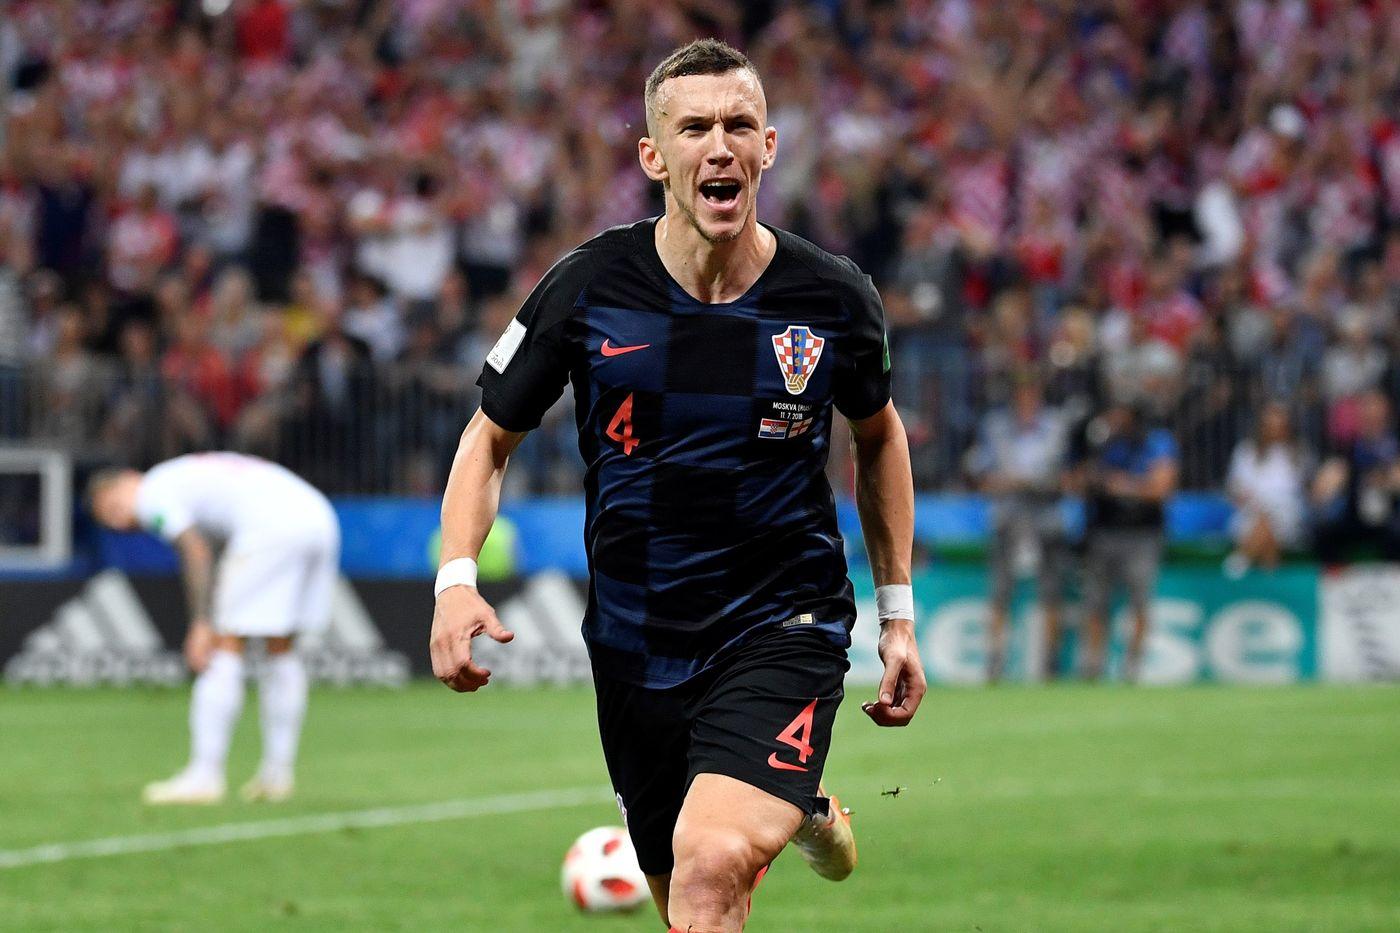 UEFA Nations League, Croazia-Inghilterra 12 ottobre: analisi e pronostico del torneo calcistico biennale tra Nazionali affiliate alla confederazione europea